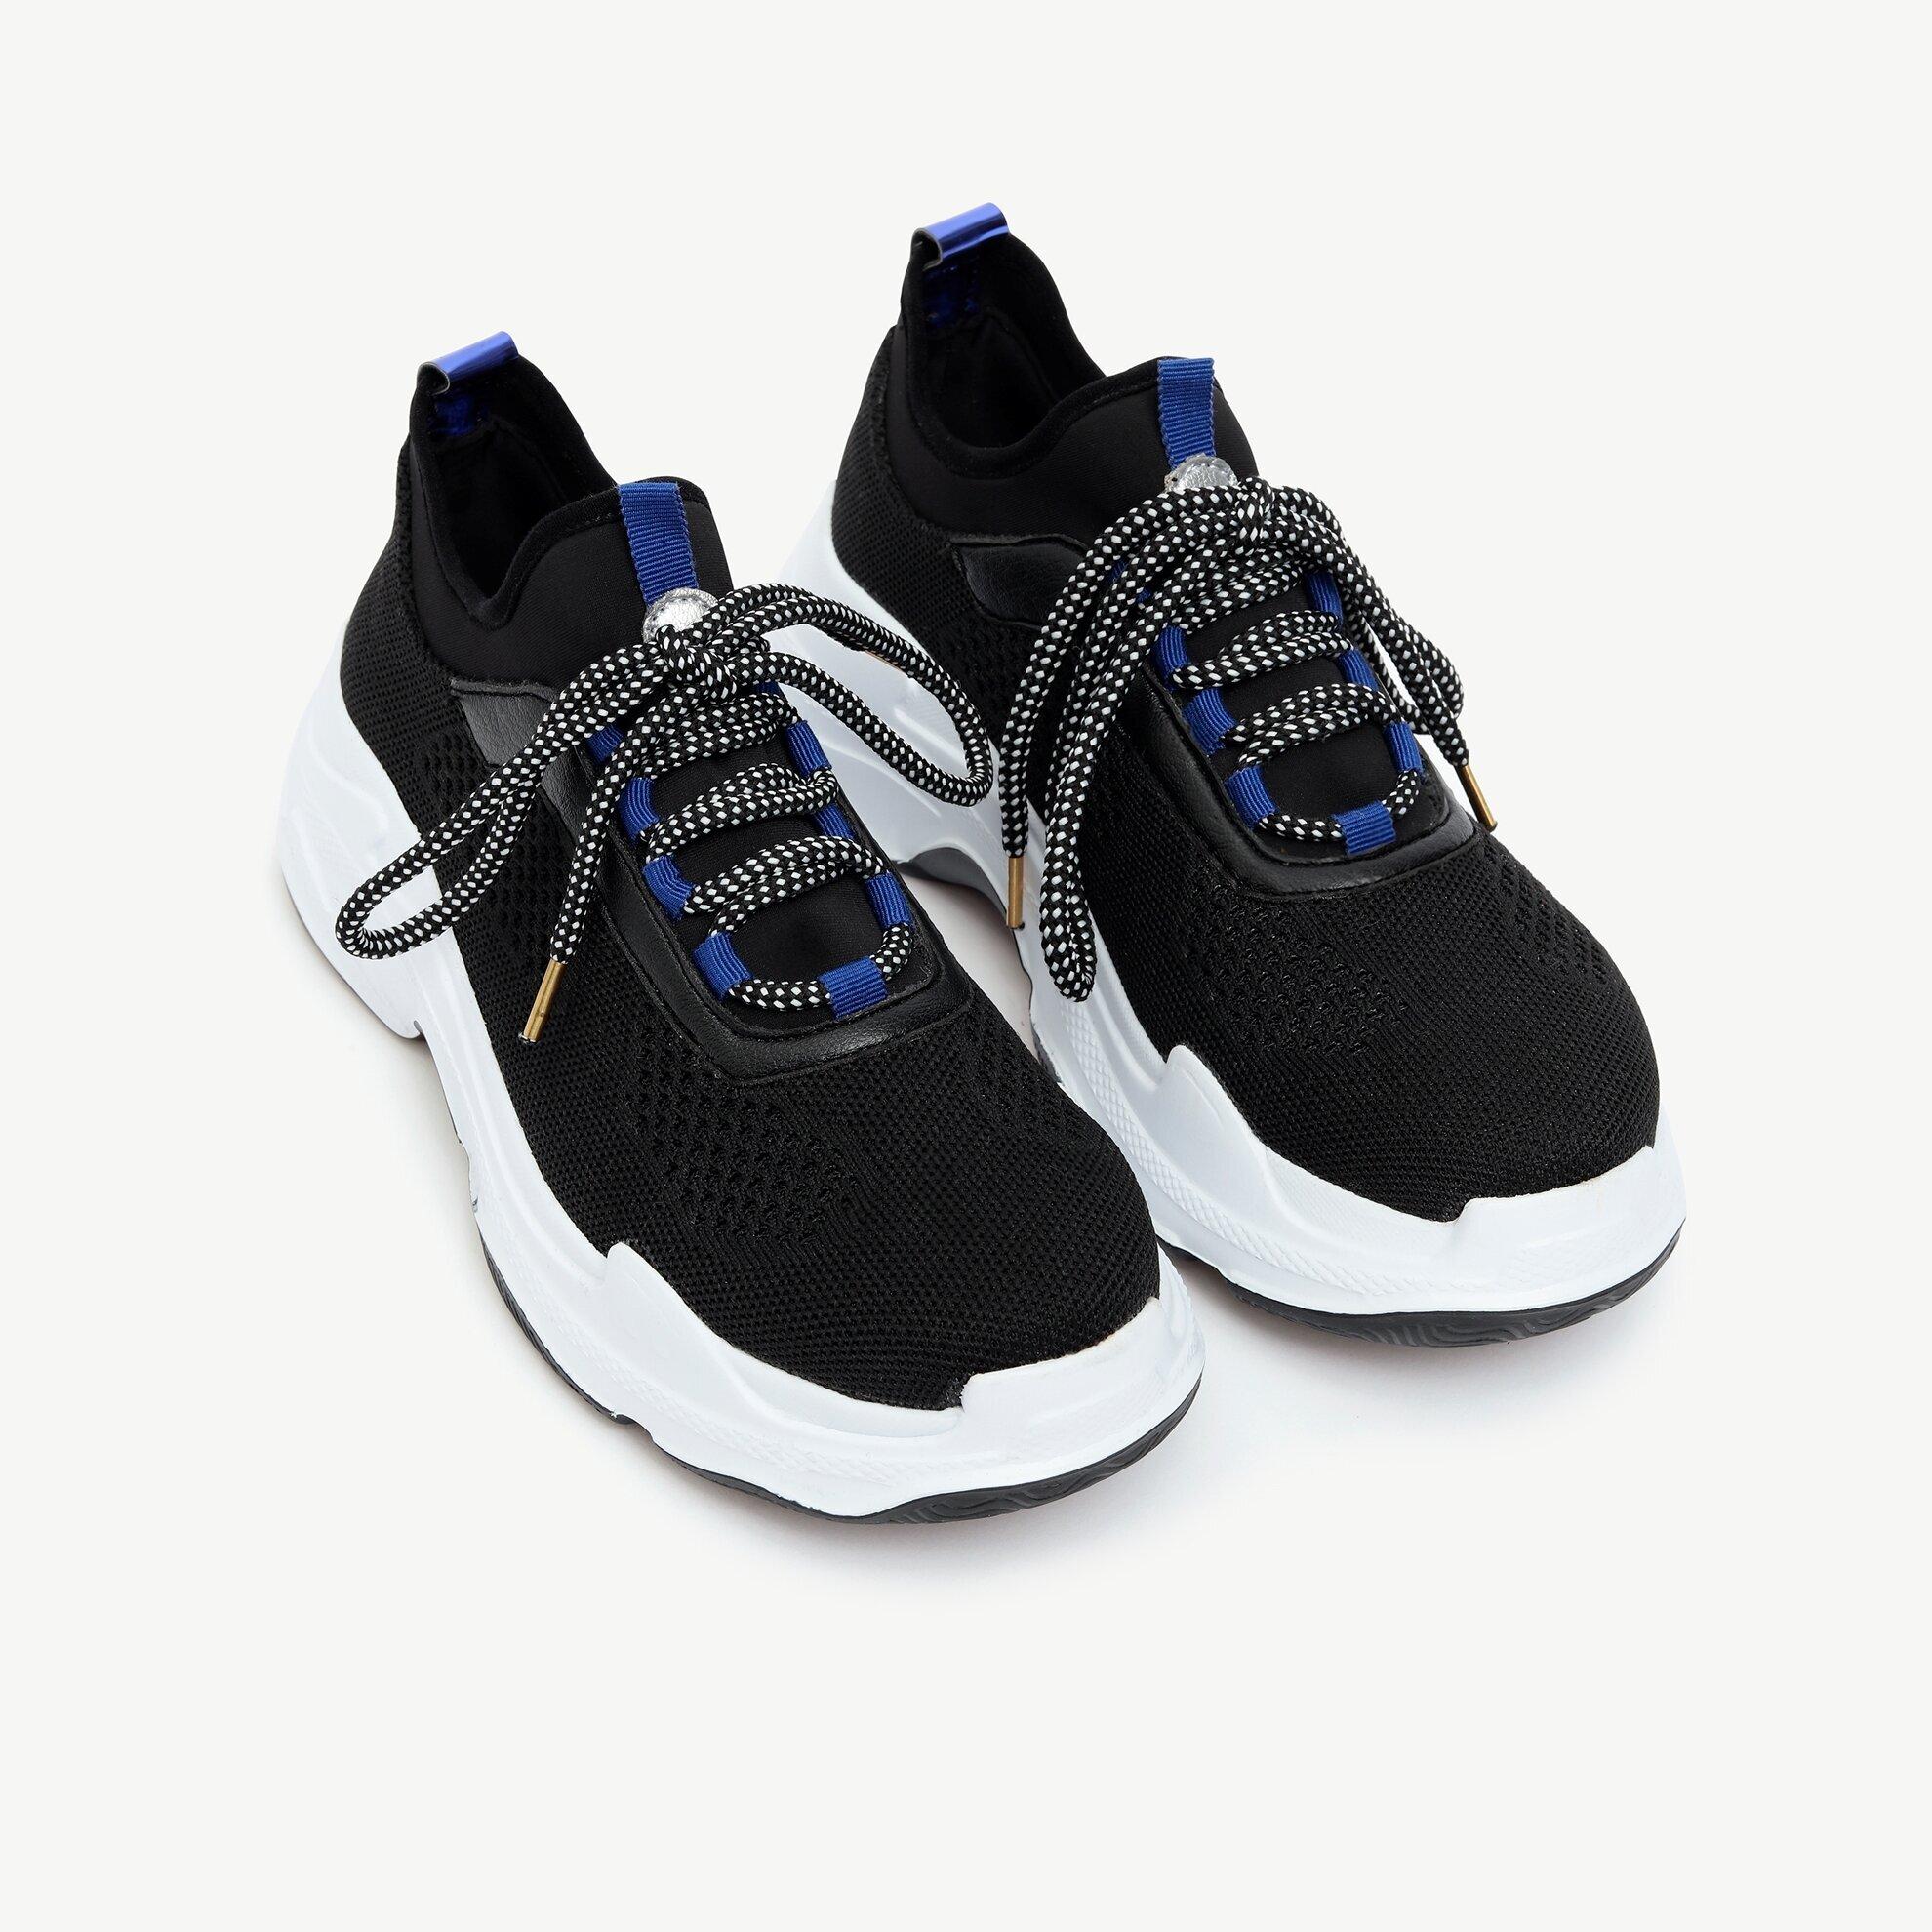 Örme Spor Ayakkabı